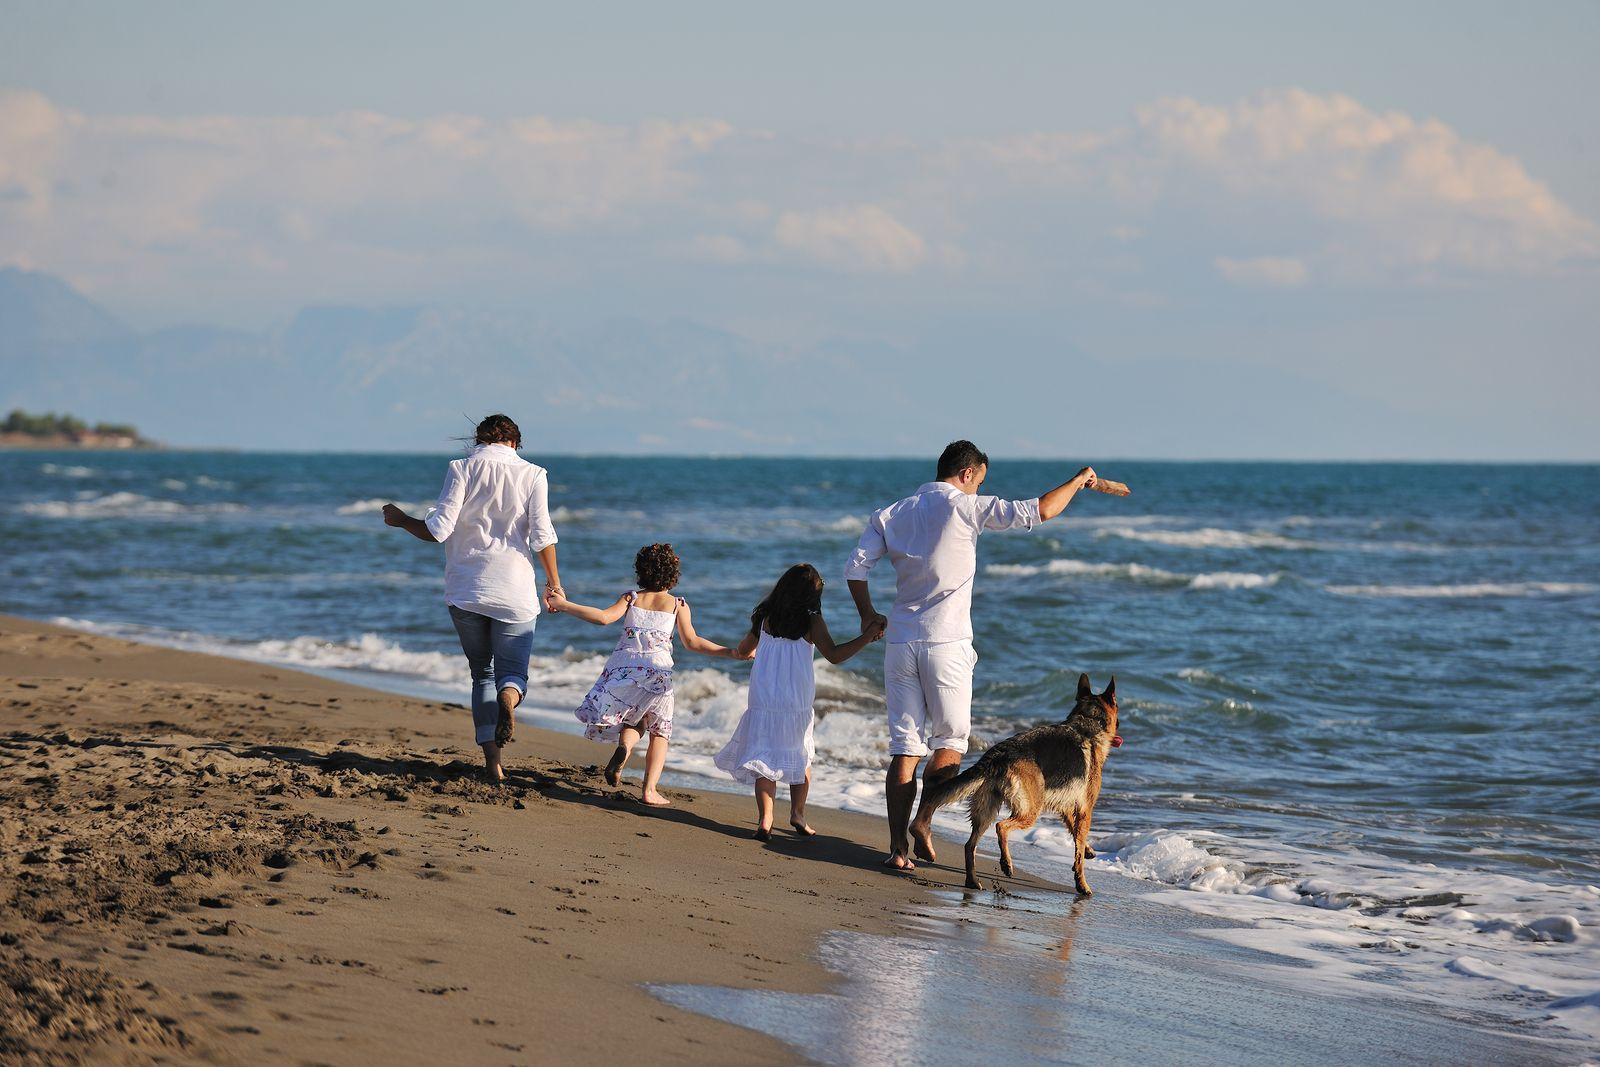 бегущая семья по берегу океана картинки жаростойкости уступает